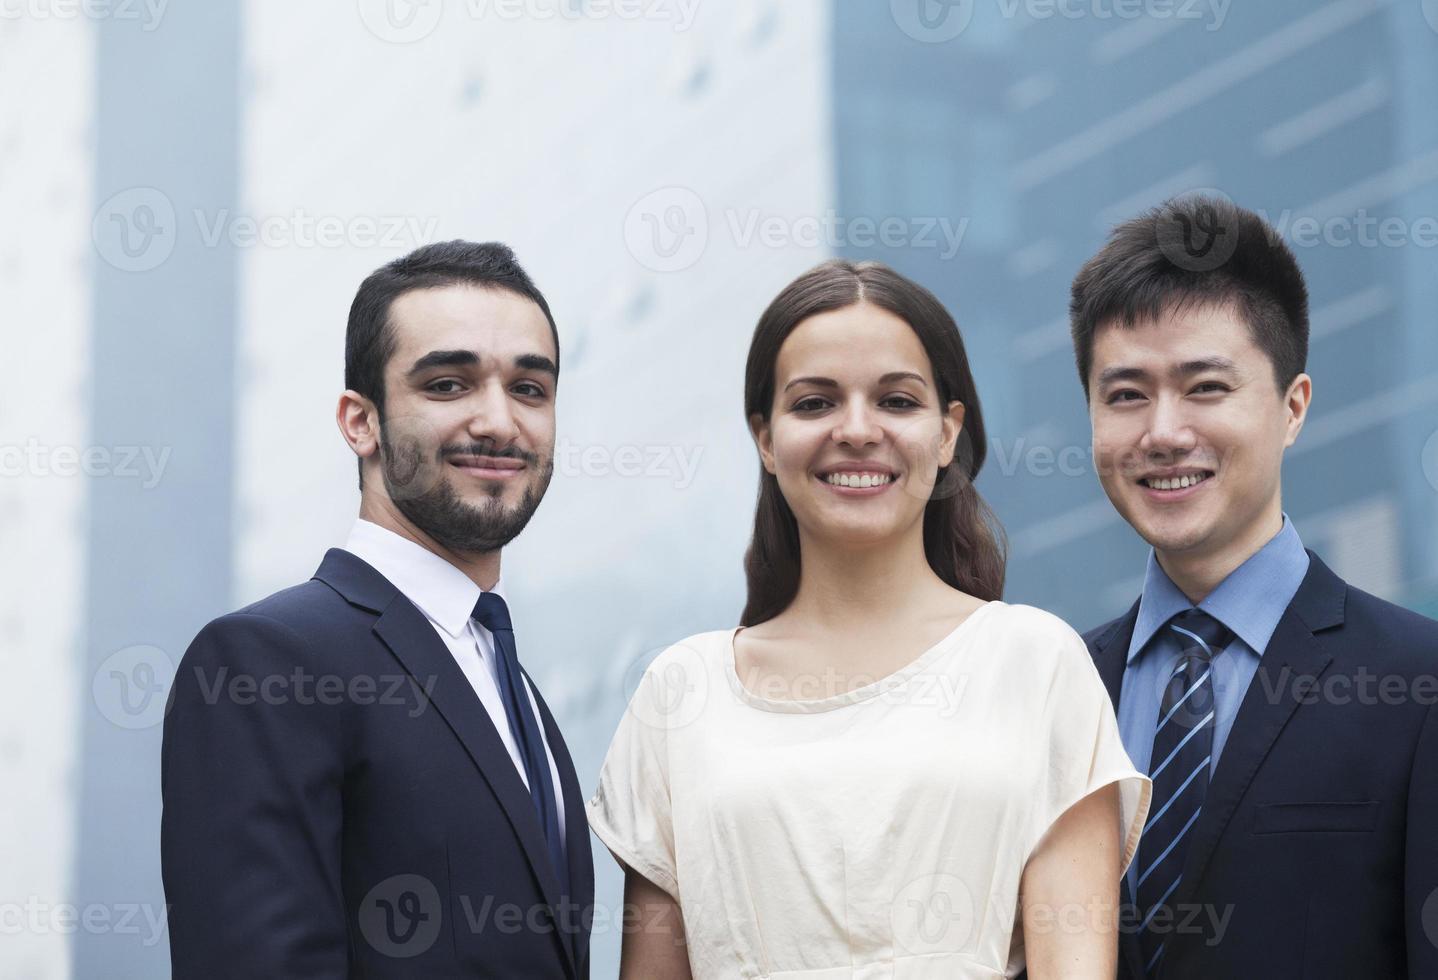 ritratto di tre uomini d'affari sorridenti, all'aperto foto